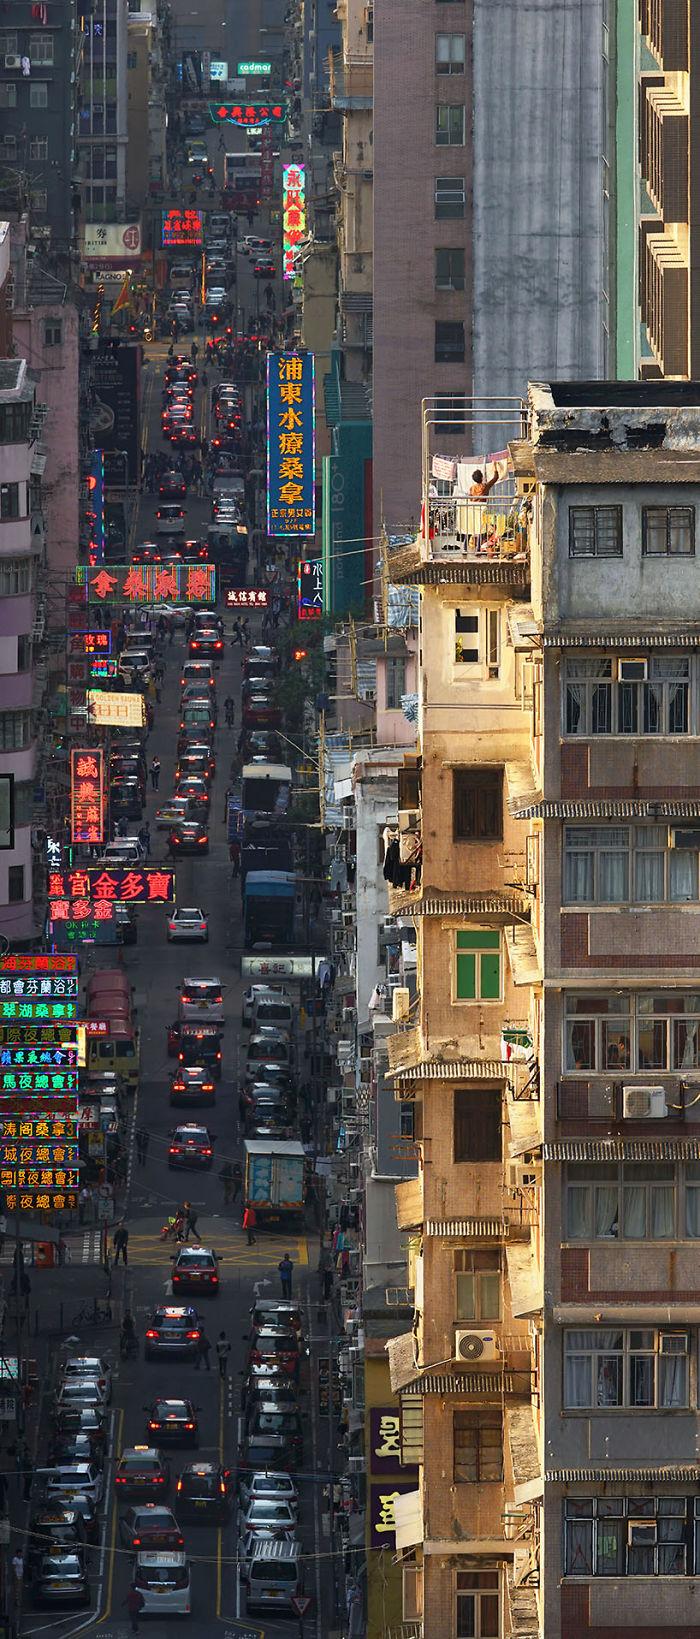 Zdjęcie bloków, balkonu i ulicy